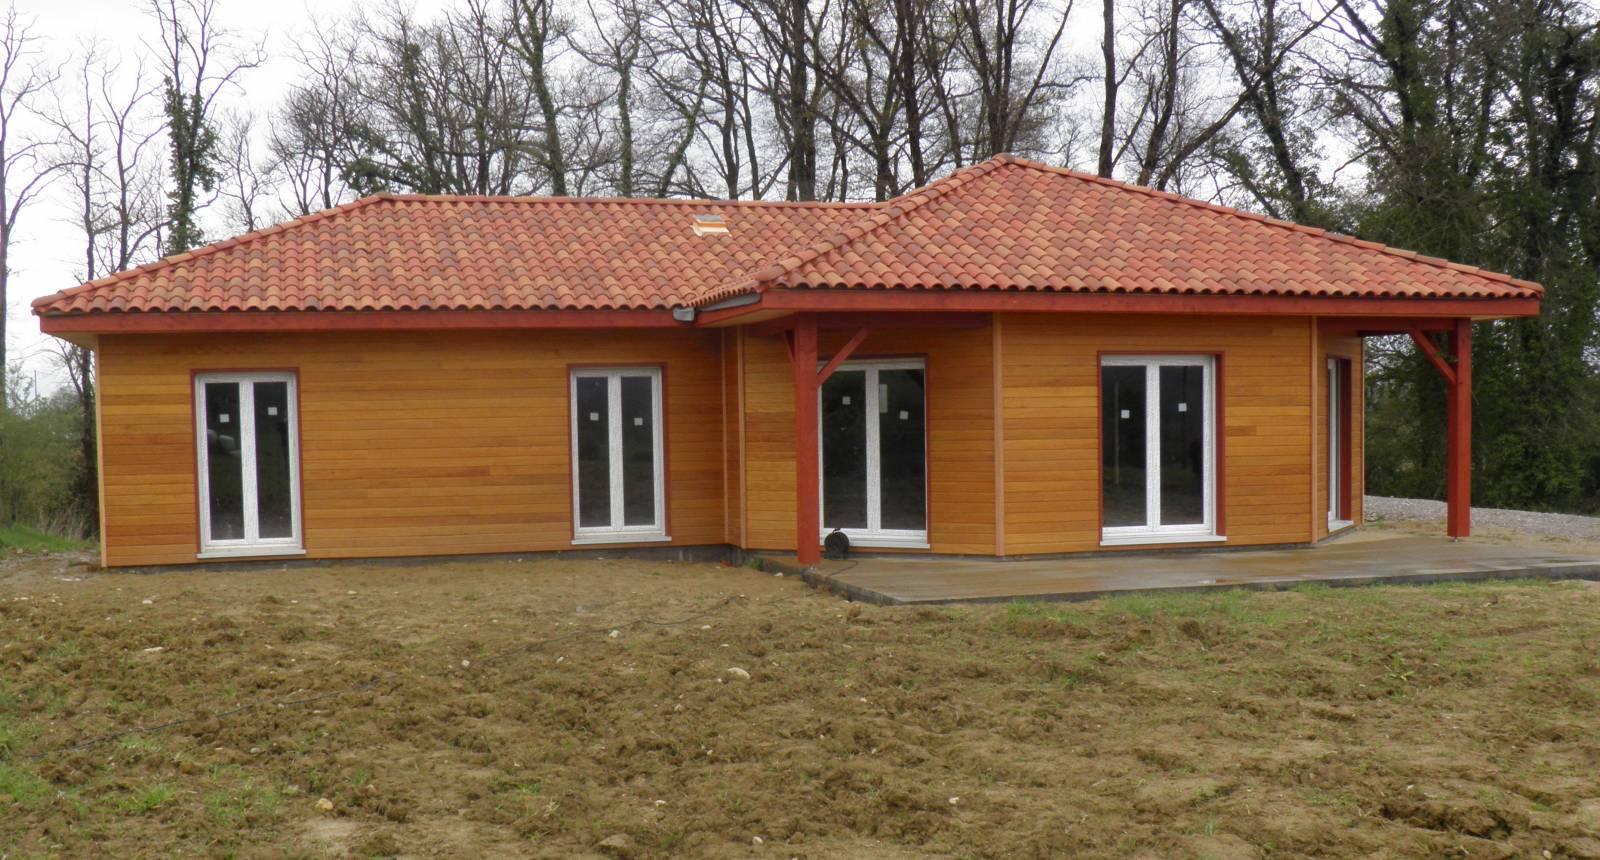 Constructeur maison bois pau for Constructeur maison 64